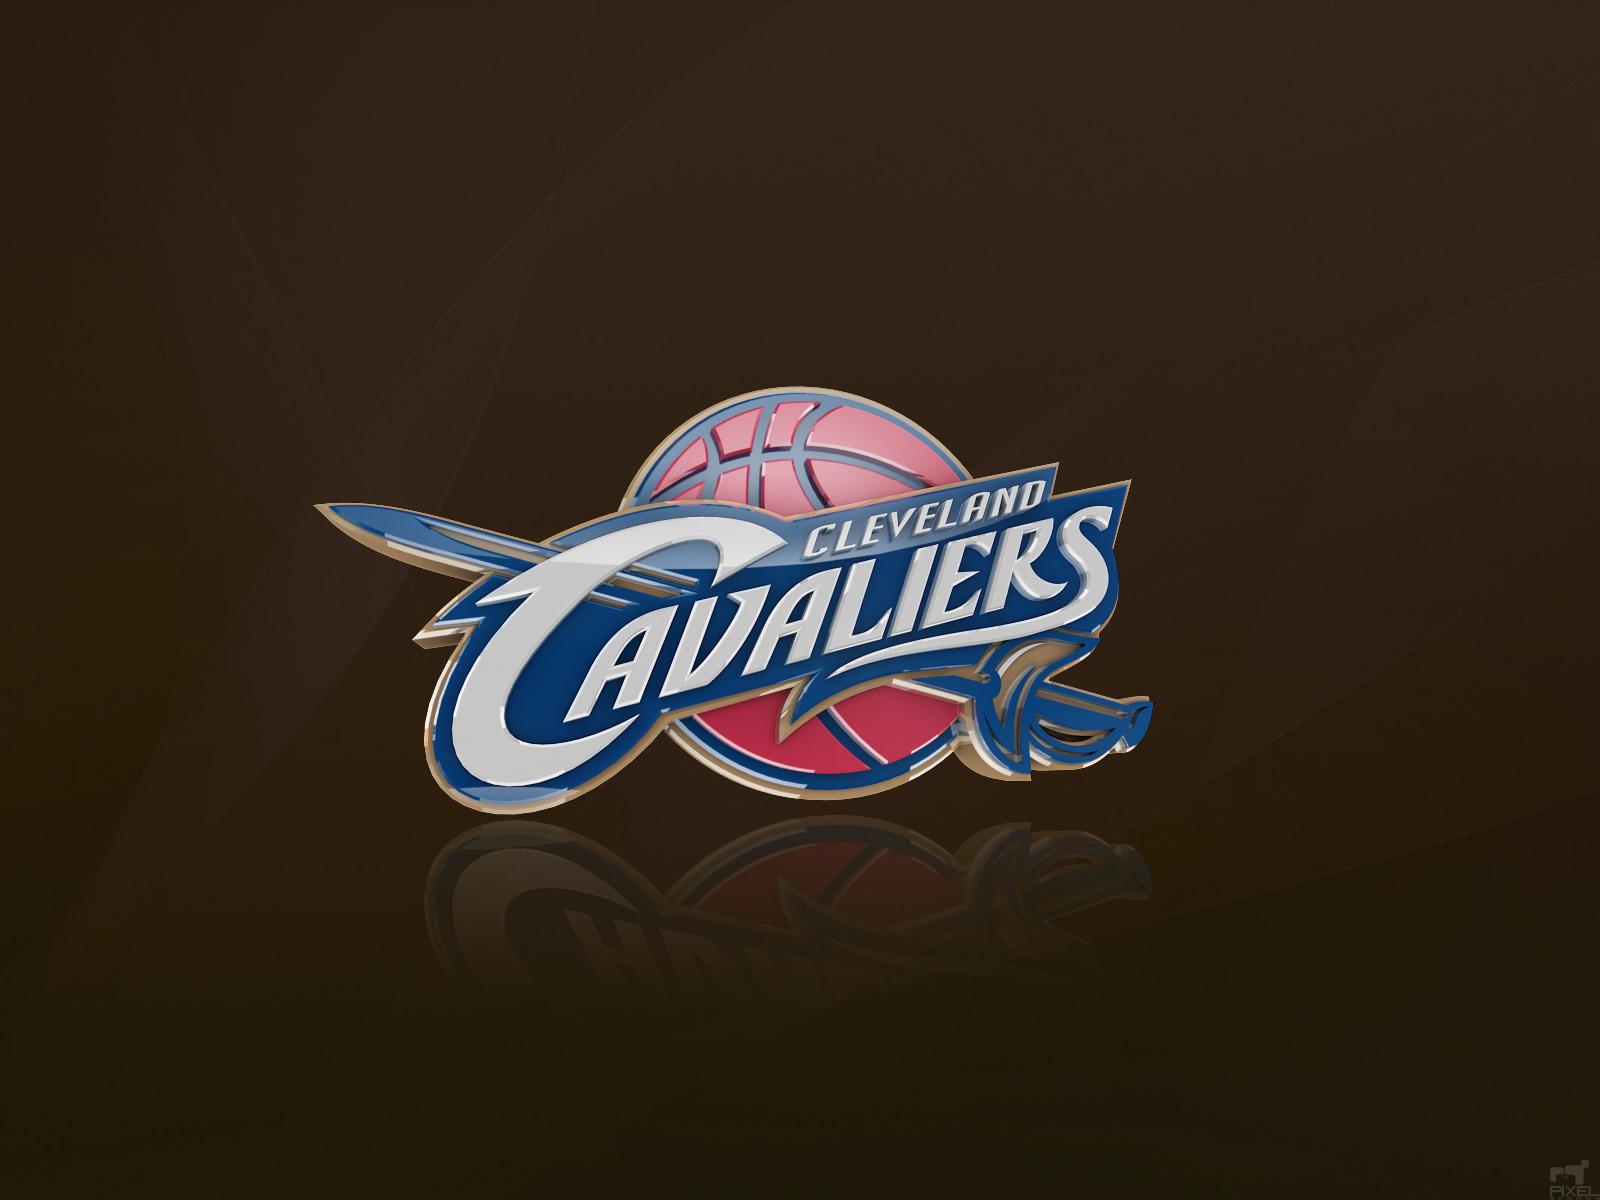 cleveland cavaliers nba sport team logo 1600x1200 HD Wallpaper   Sport 1600x1200